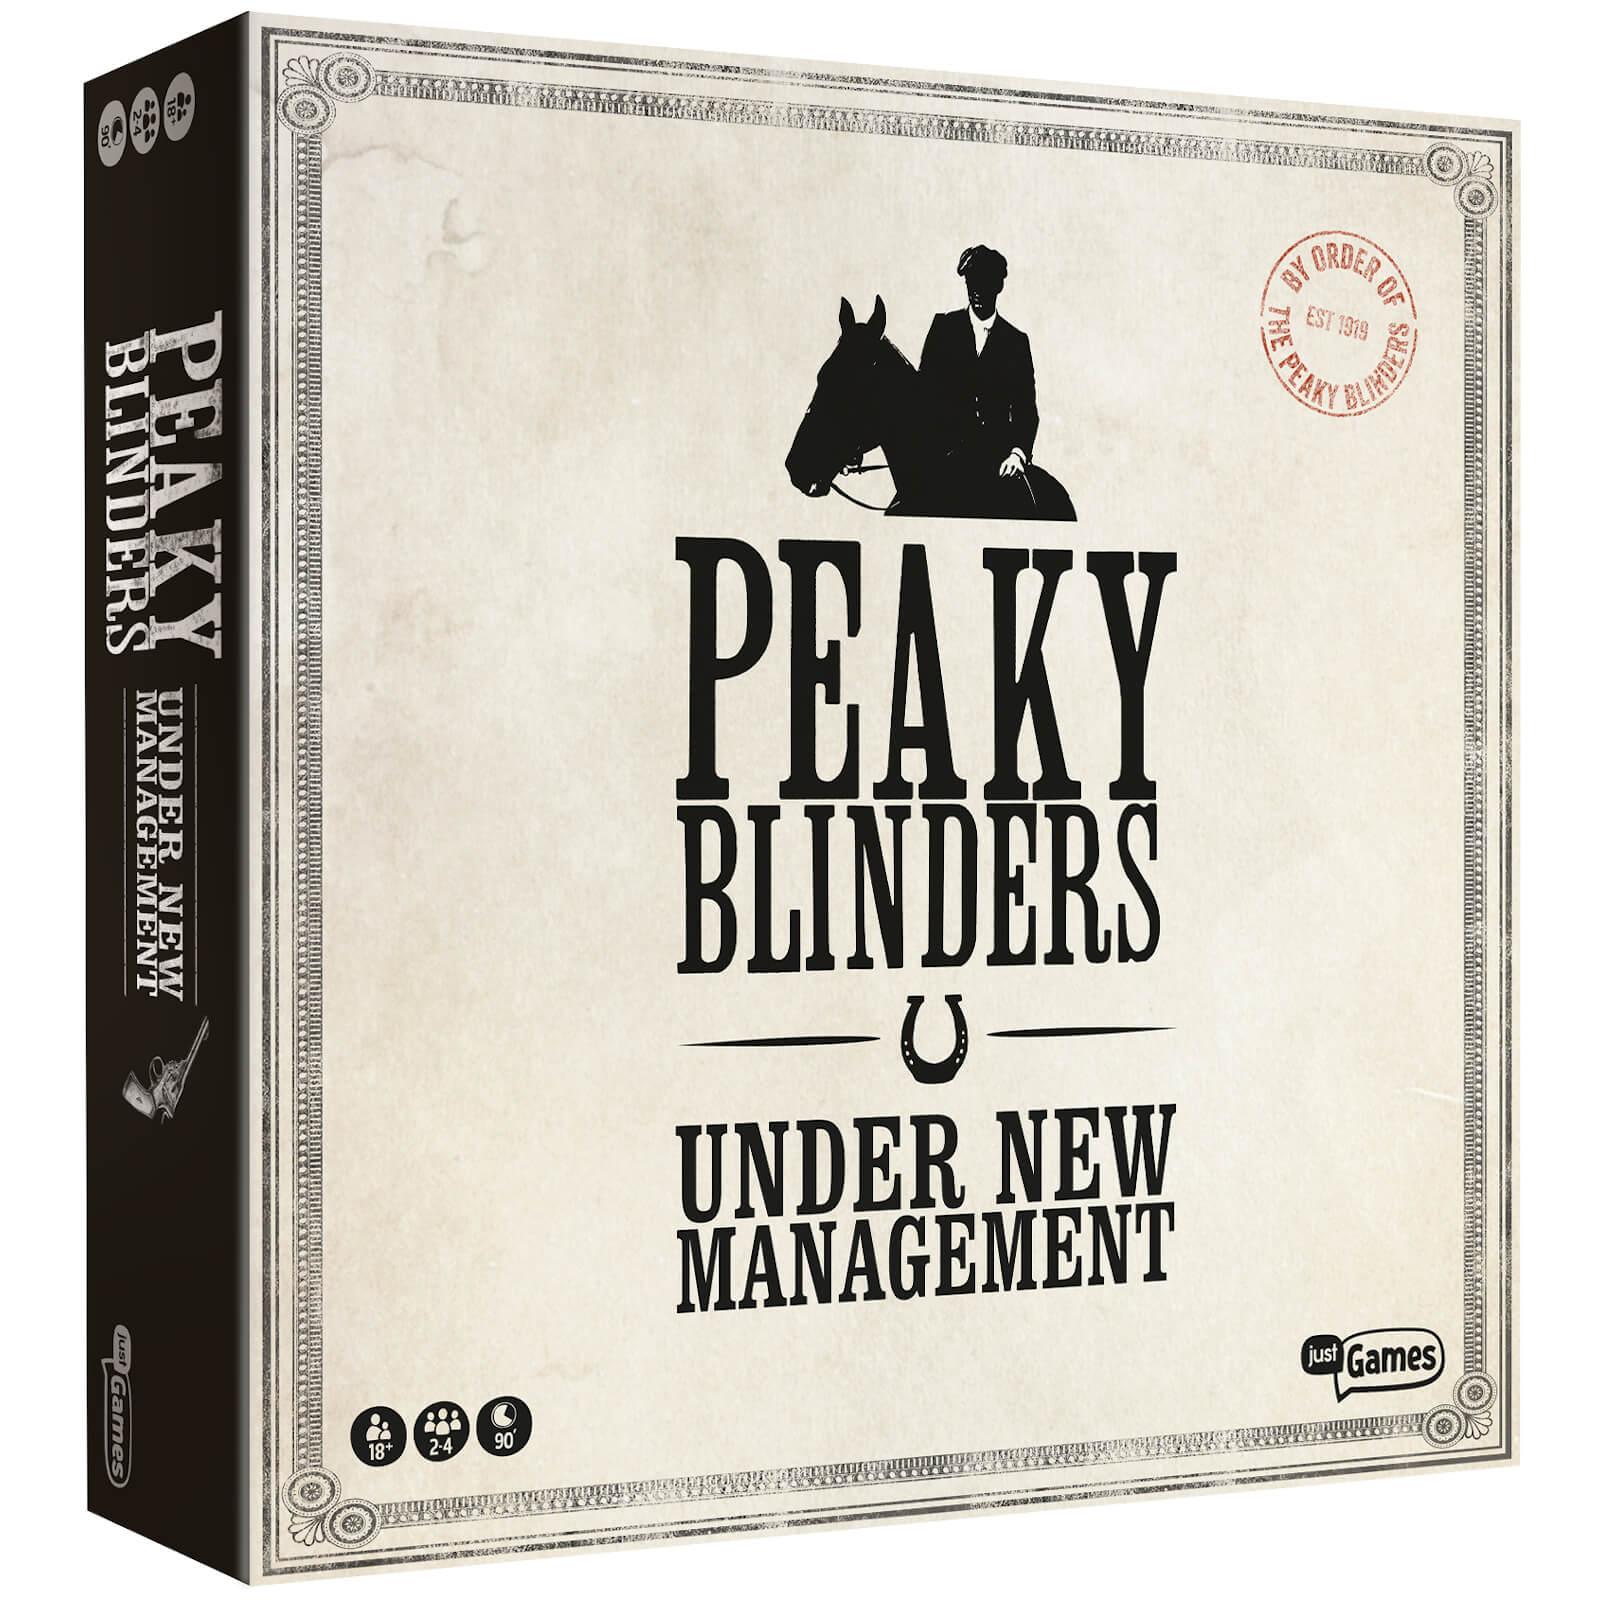 Image of Peaky Blinders Board Game